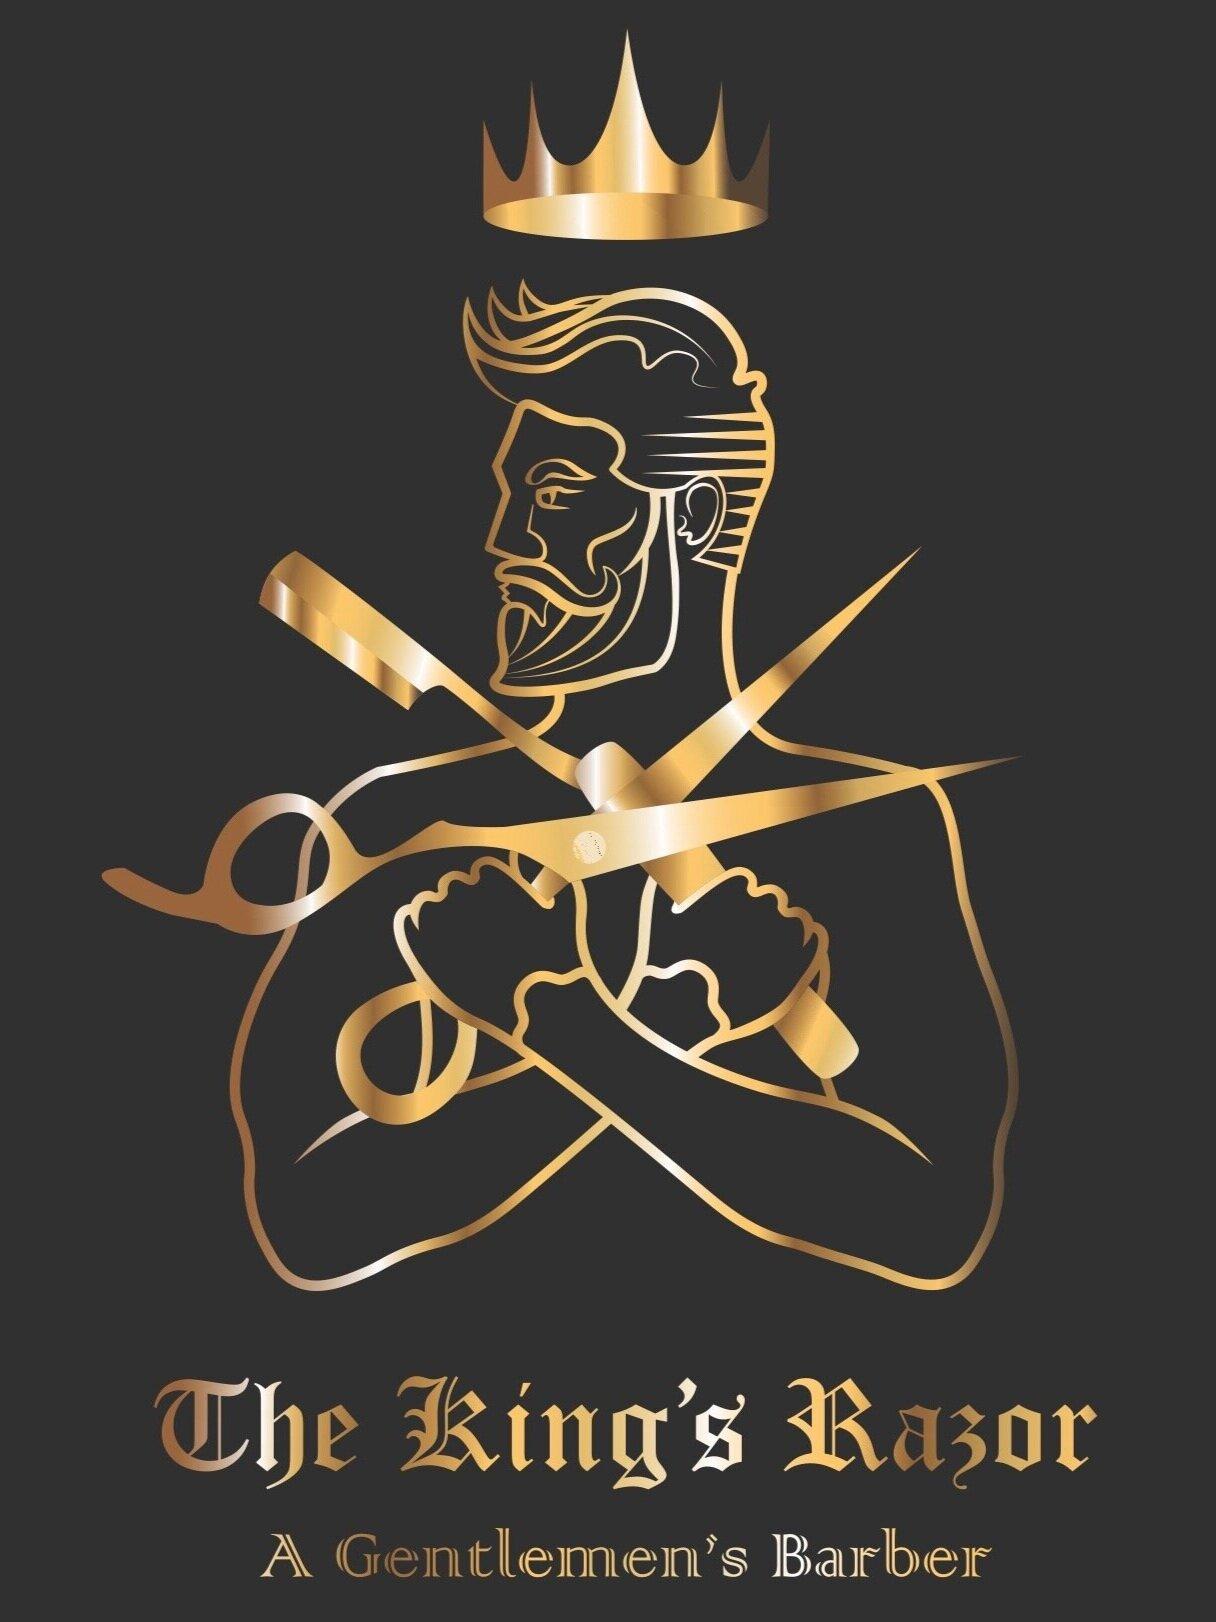 The Kings Razor logo